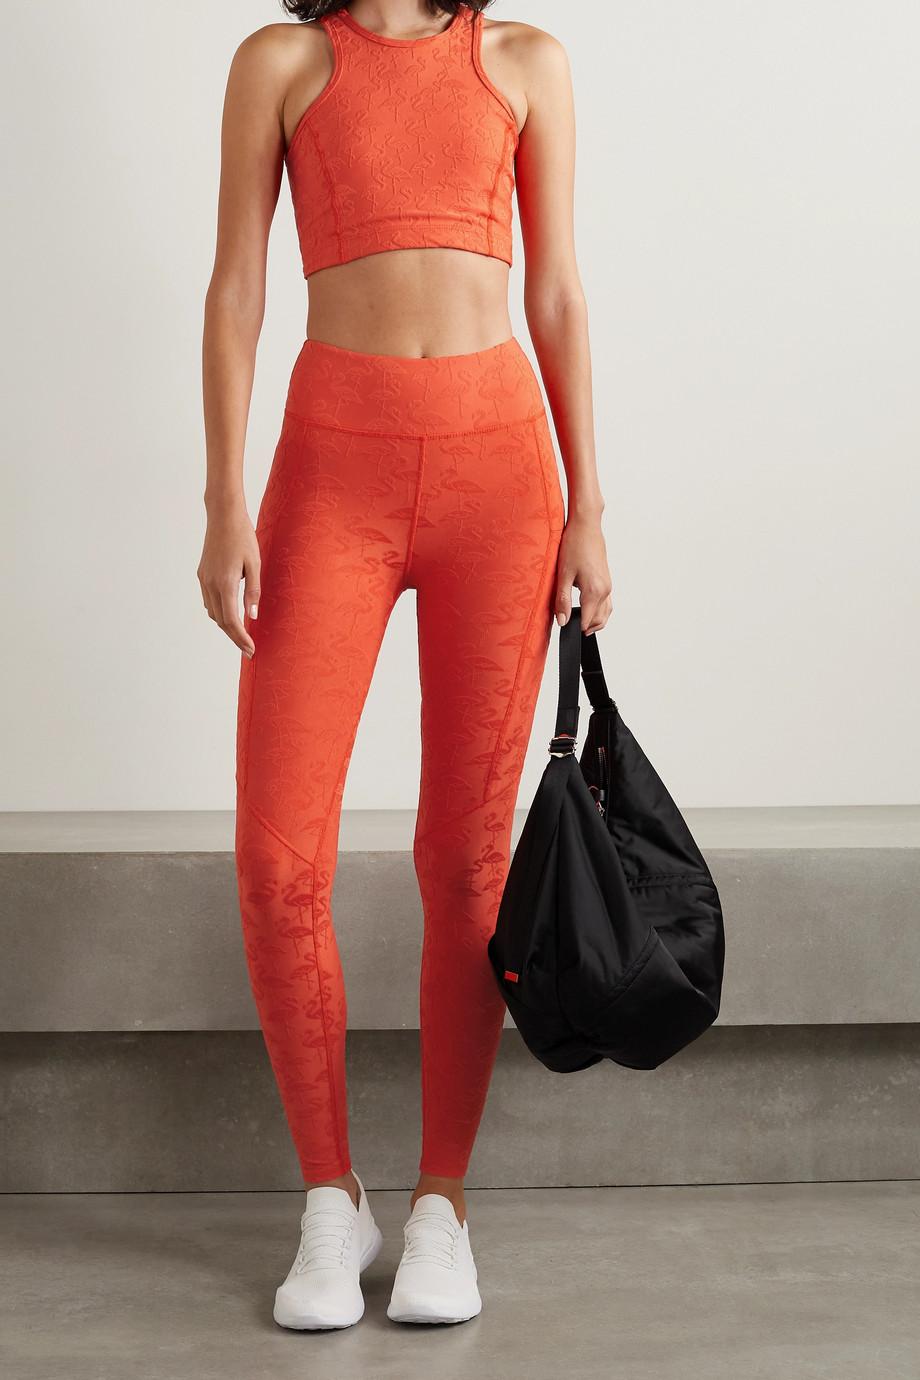 TWENTY Montréal Flamingo stretch-jacquard leggings